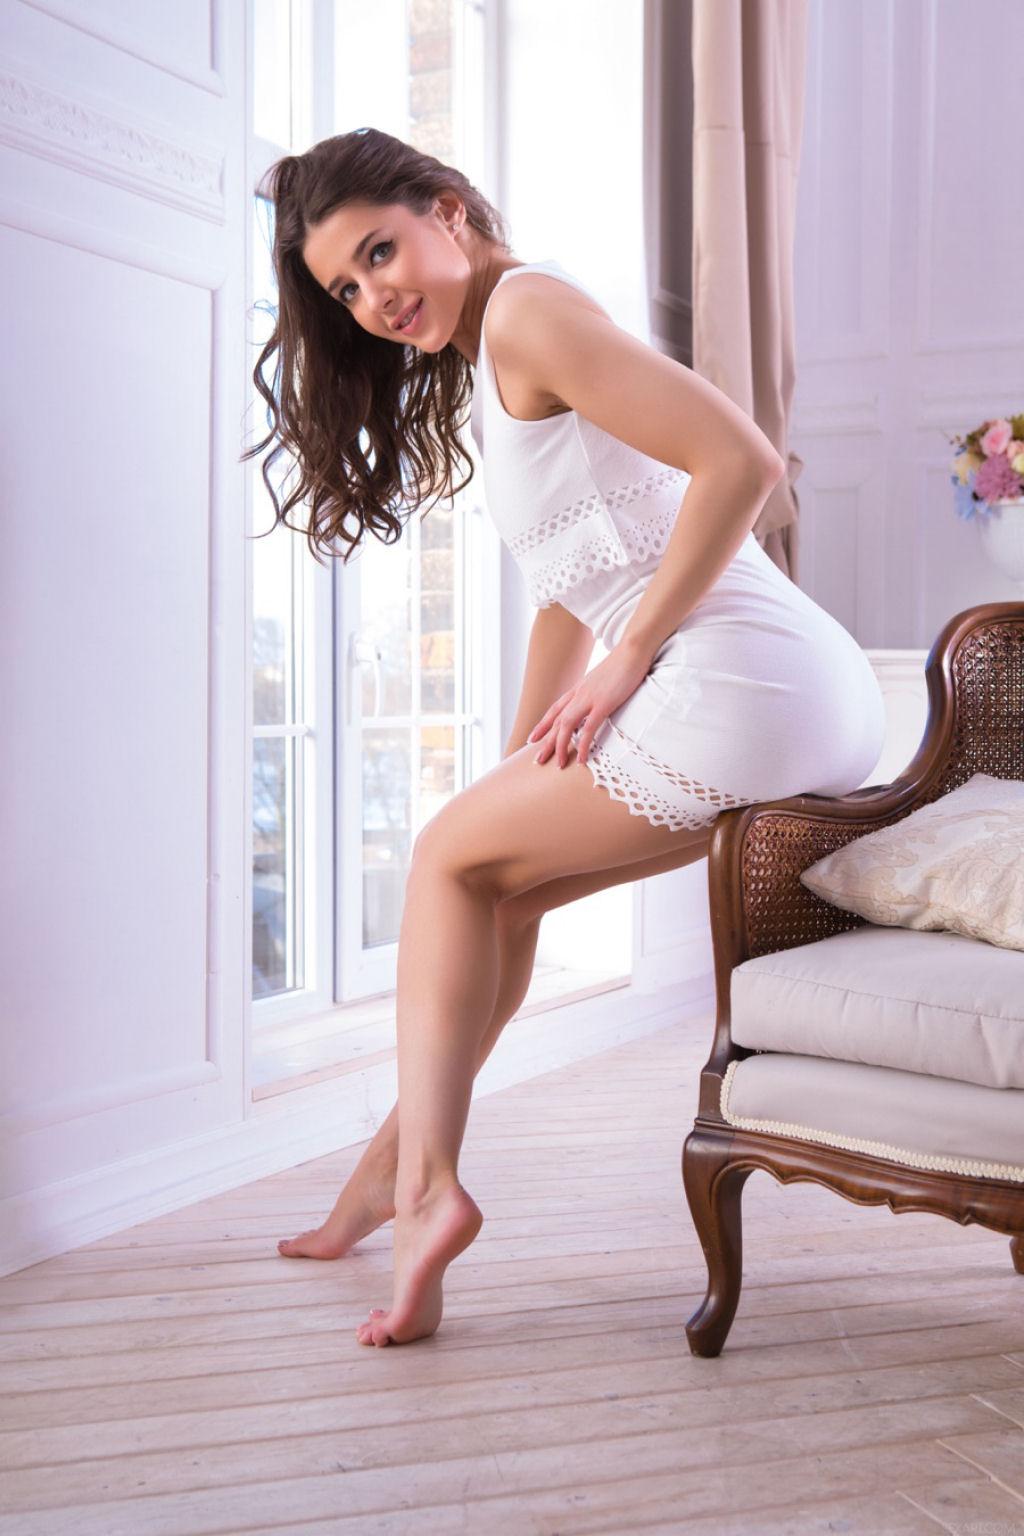 Sybil de vestido branco 01